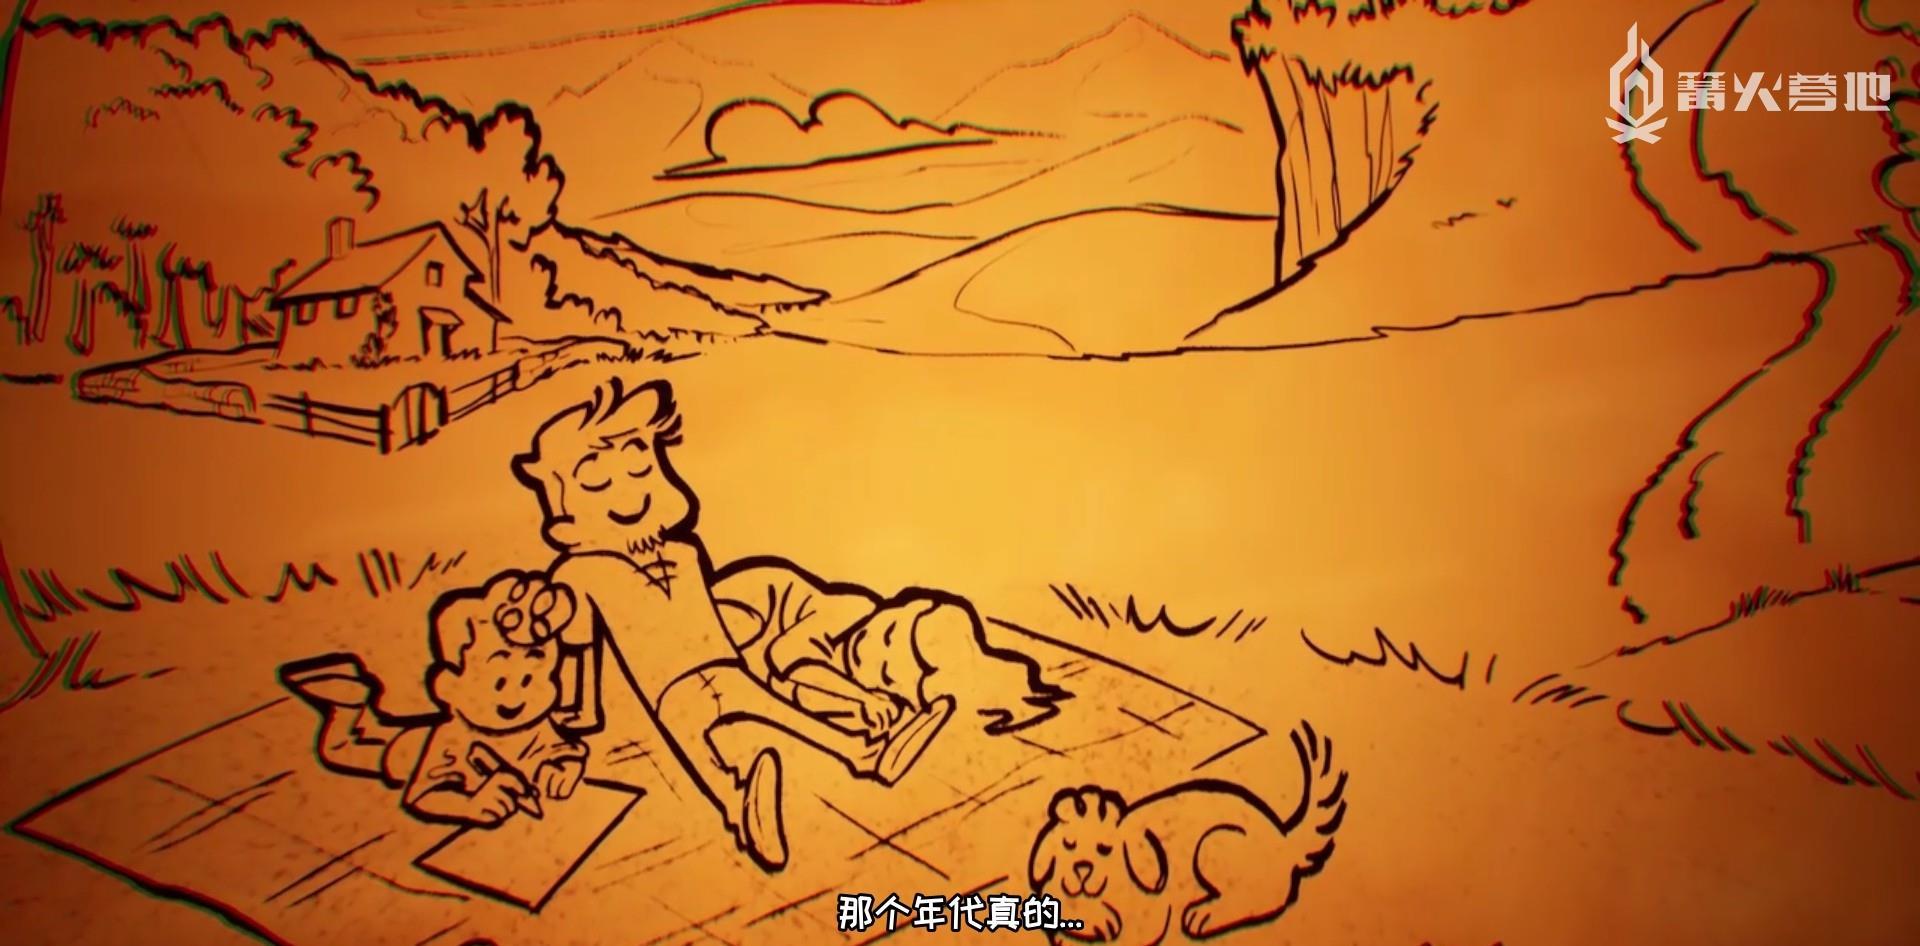 剑侠情缘剧情_《南瓜杰克》带你梦回 90 年代平台冒险体验